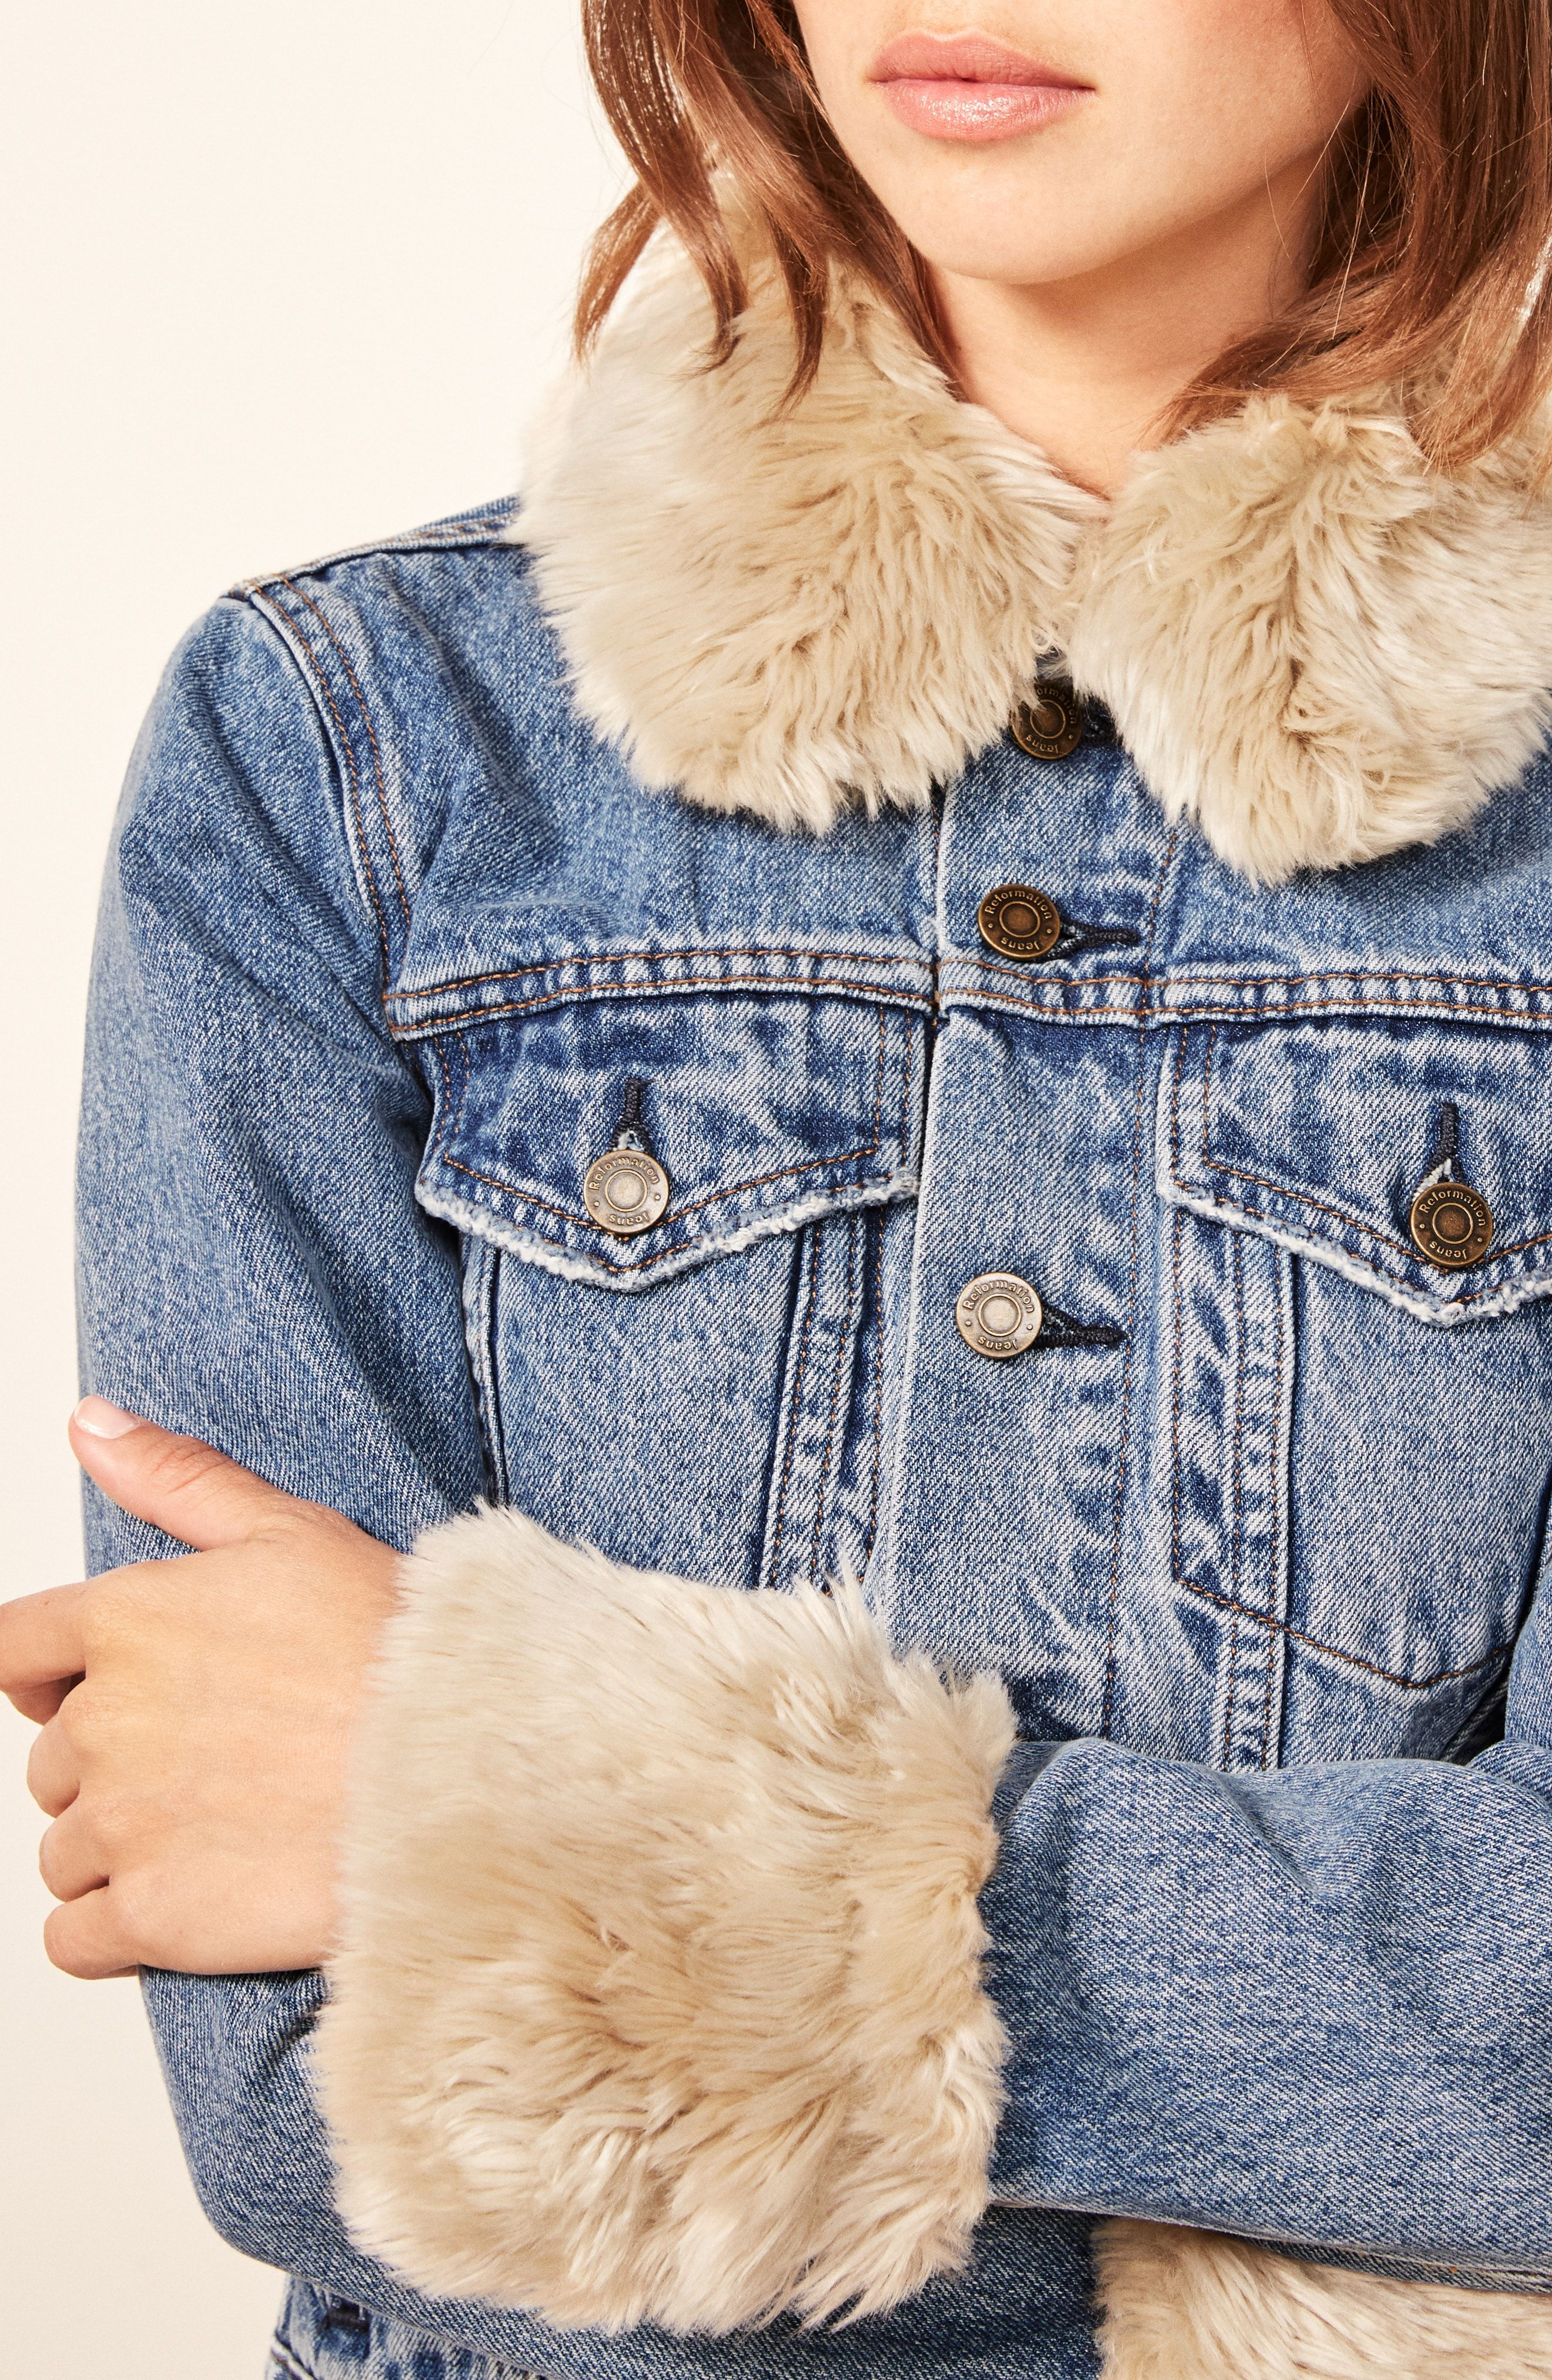 Reformation Aussie Faux Fur Trim Denim Jacket Jeansjacke Mit Fell Tuch [ 4048 x 2640 Pixel ]